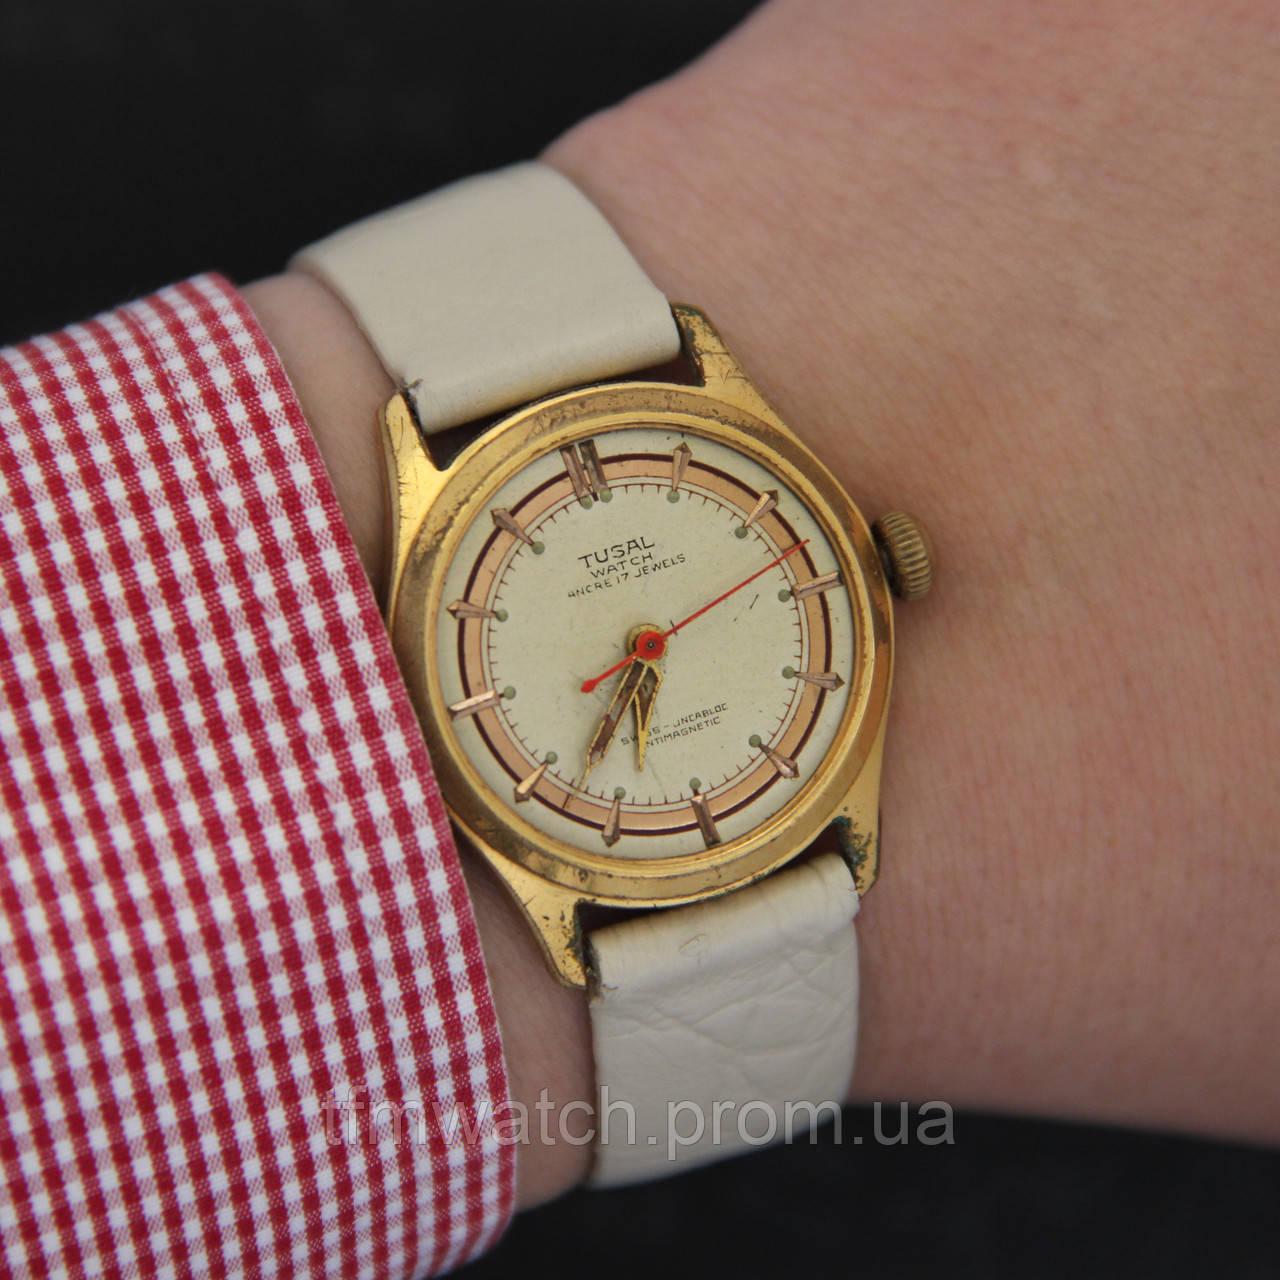 8e490622 Tusal watch небольшие наручные механические винтажные швейцарские часы